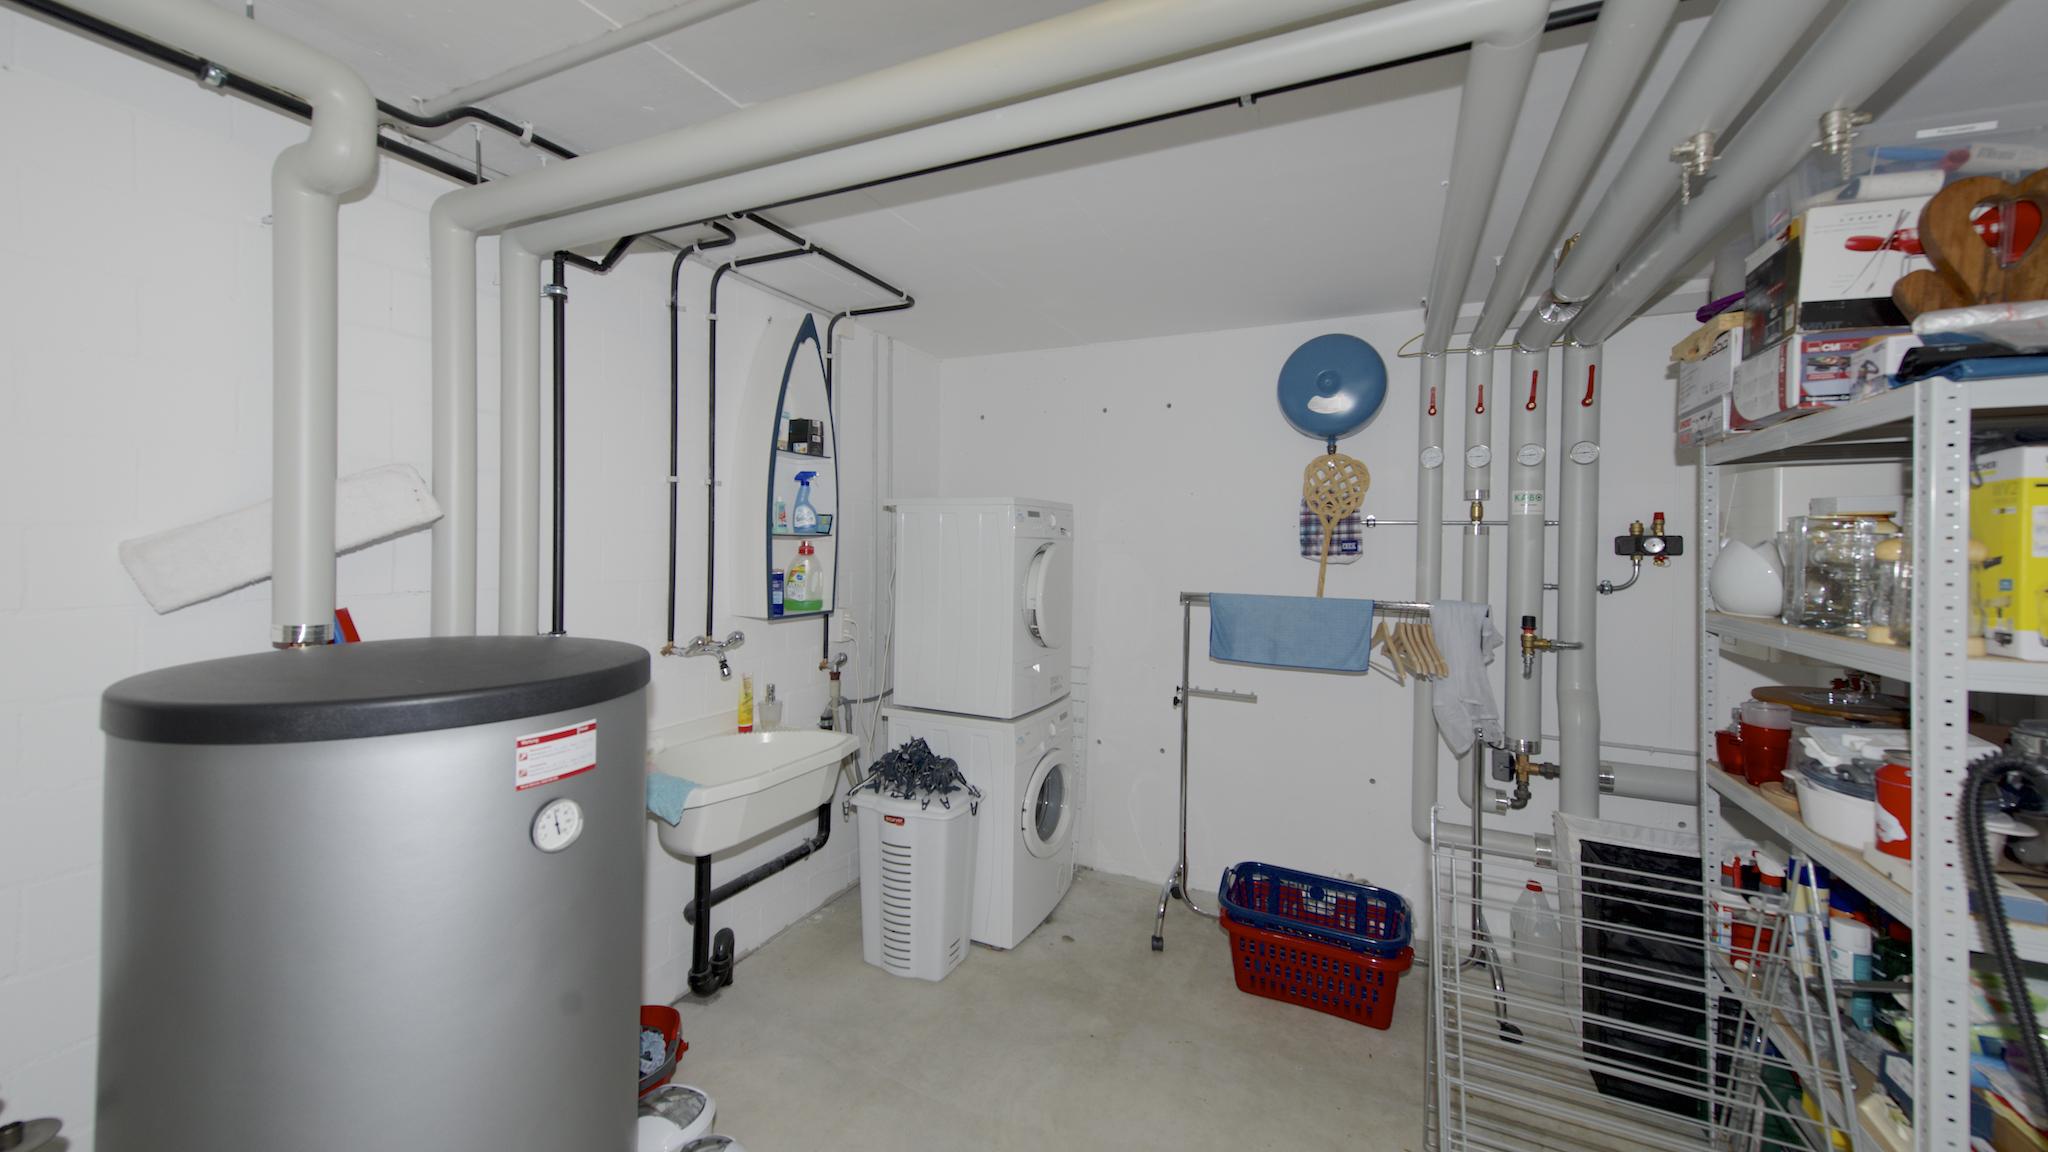 Waschküche/Technikraum